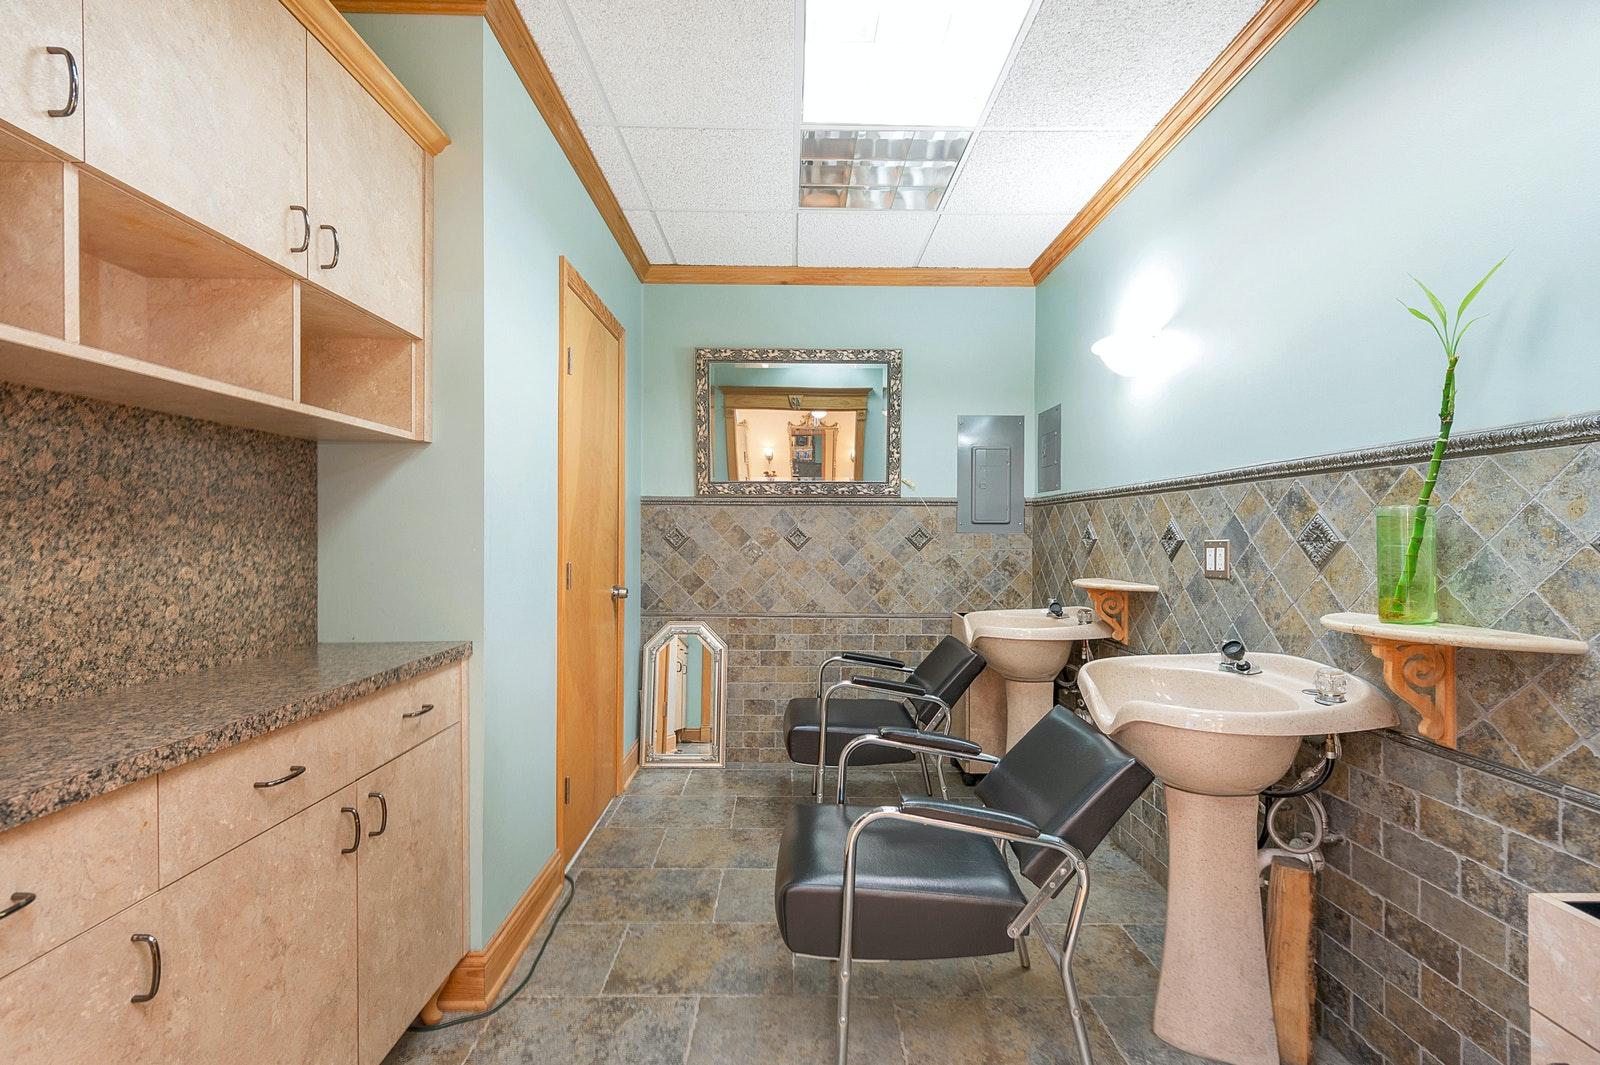 466 POMPTON AVENUE, Cedar Grove, $345,000, Web #: 20413623